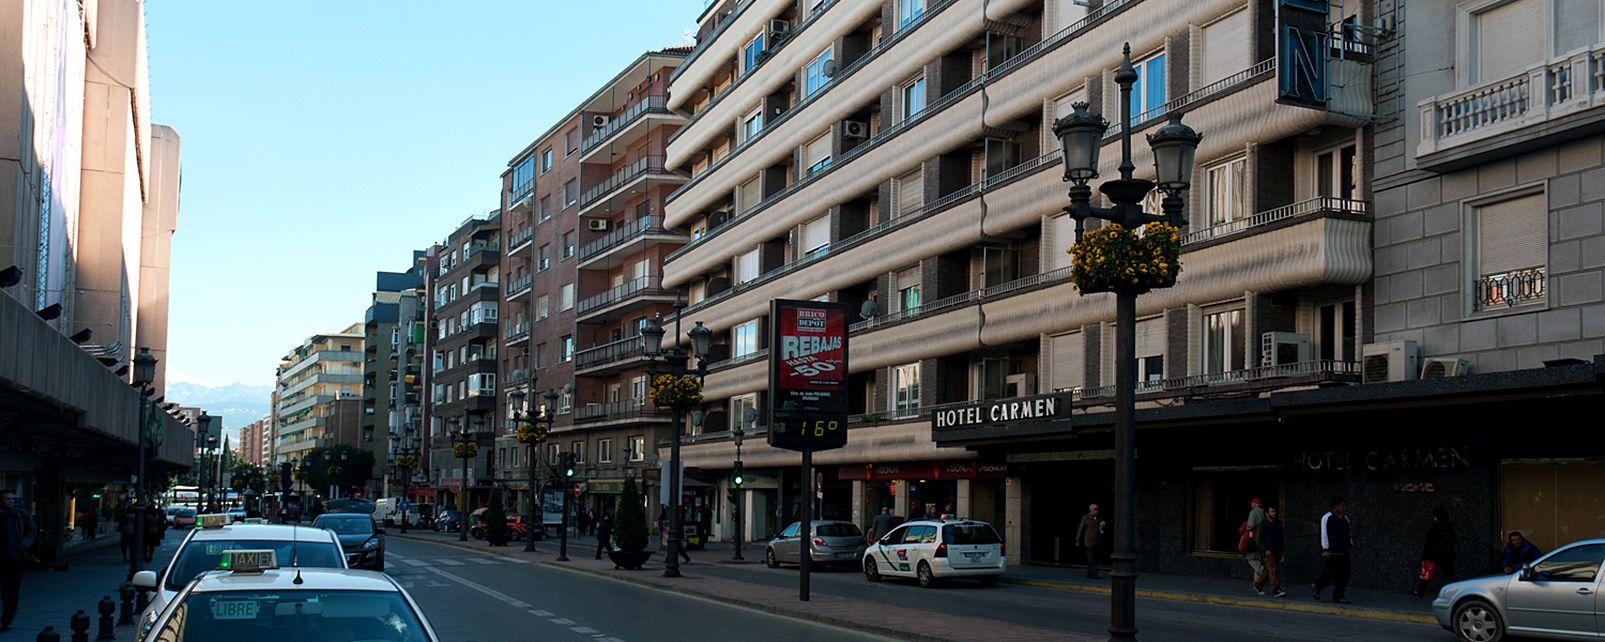 Hotel Corona De Granada Fotos